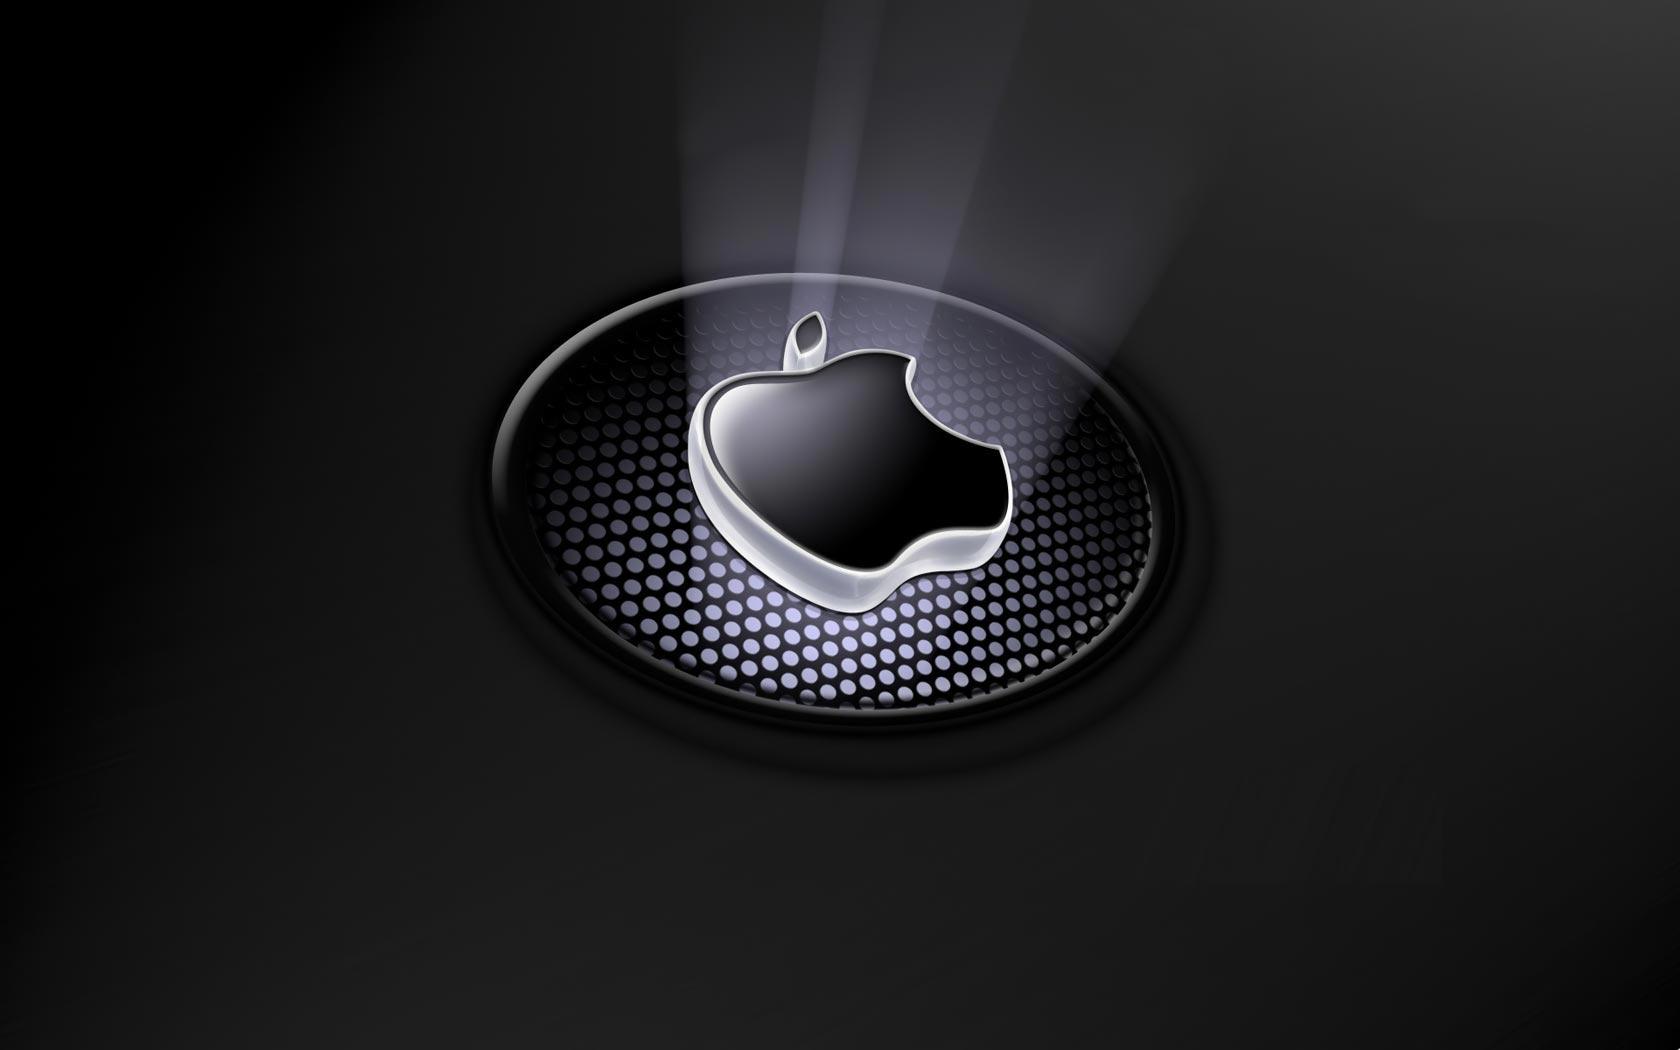 Apple Logo HD Wallpaper #1423 Wallpaper computer | best website .